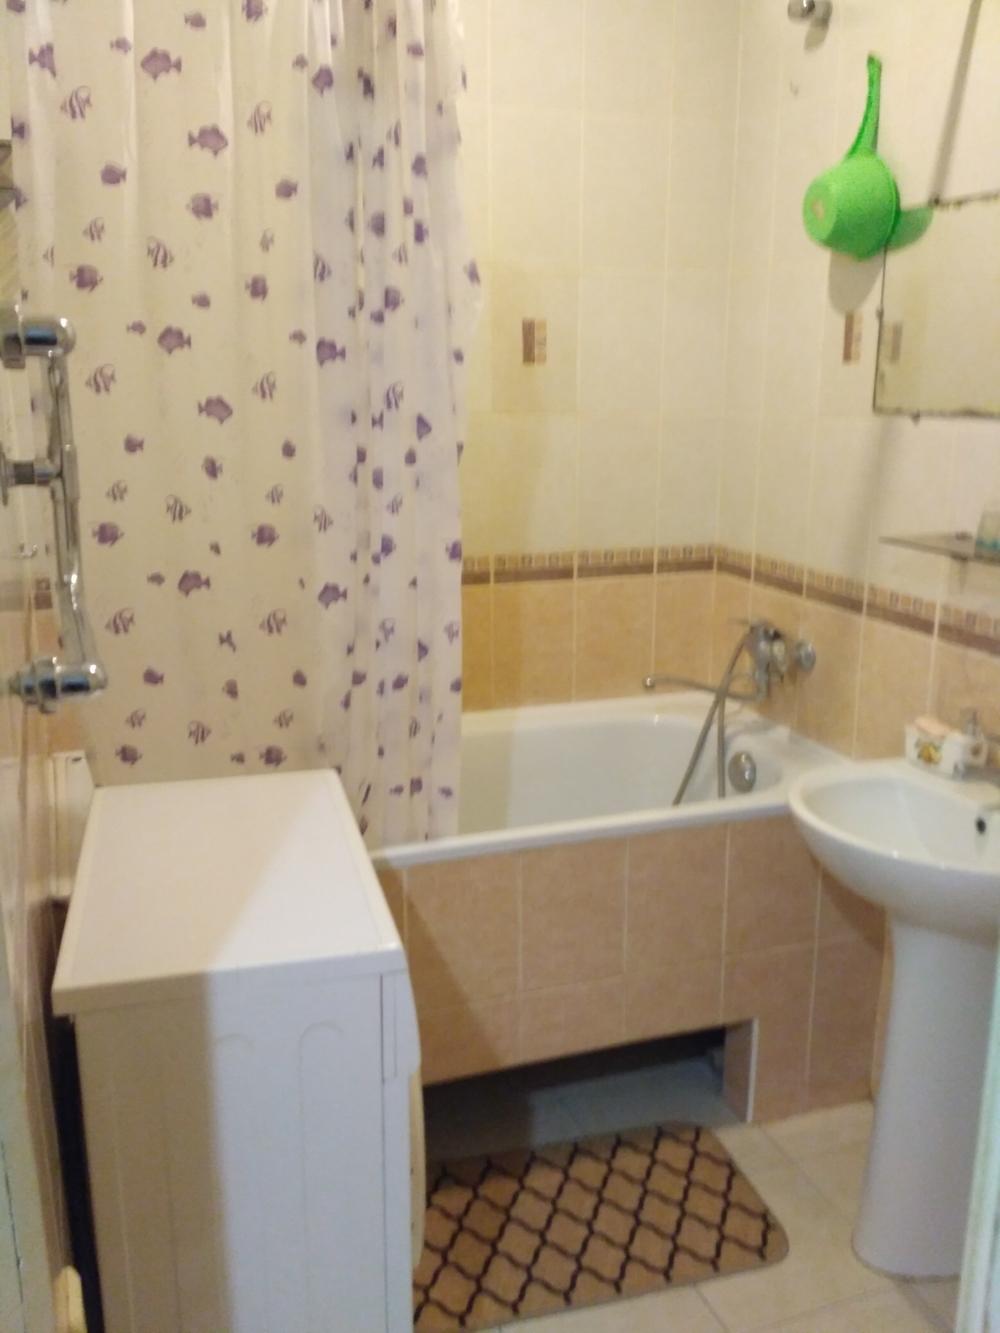 Сдам 2-комнатную квартиру в городе Саратов, на улице Провиантская, 14, 4-этаж 5-этажного Кирпич дома, площадь: 45/28/6 м2